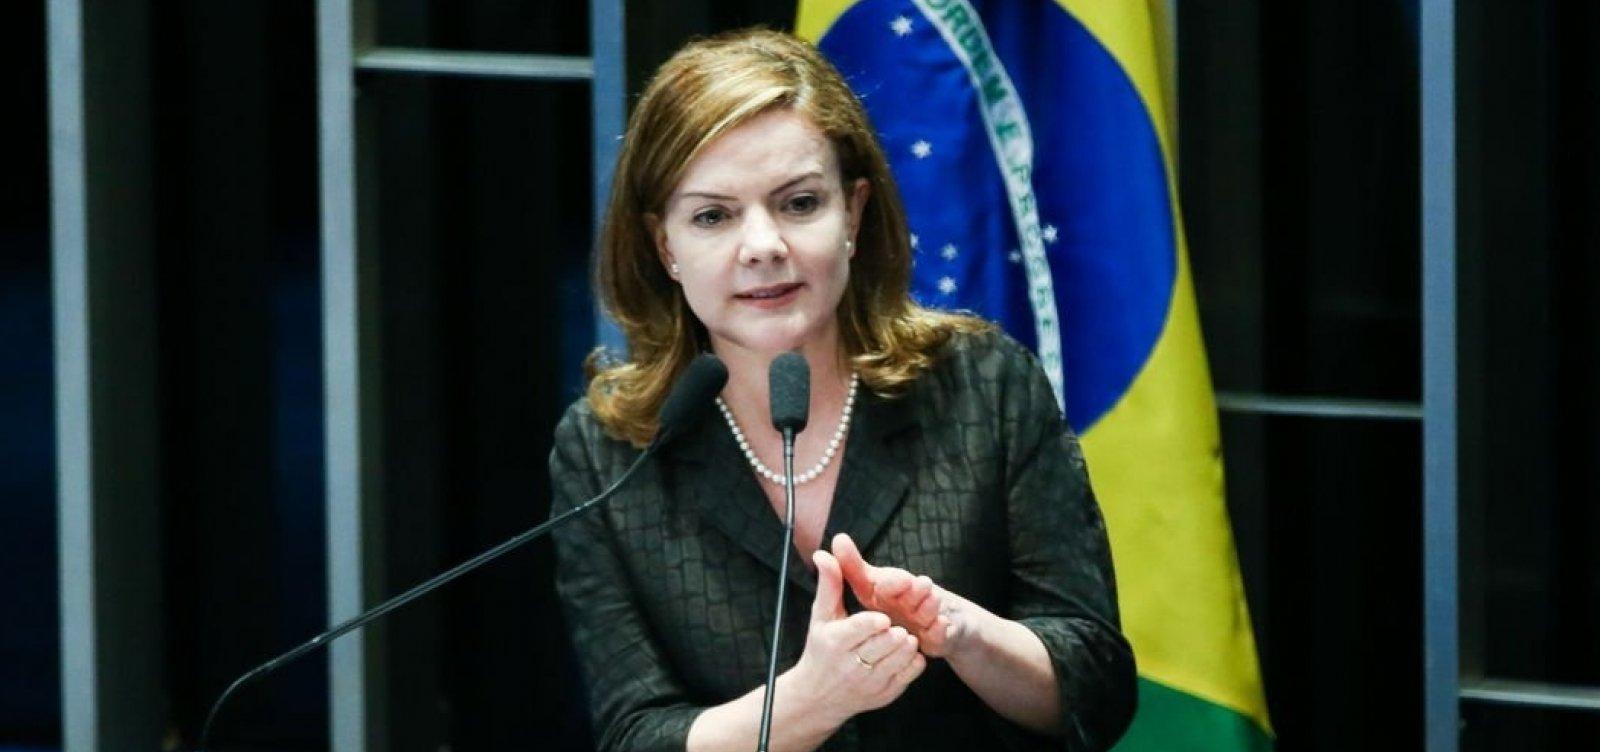 Gleisi Hoffmann é reeleita presidente nacional do PT